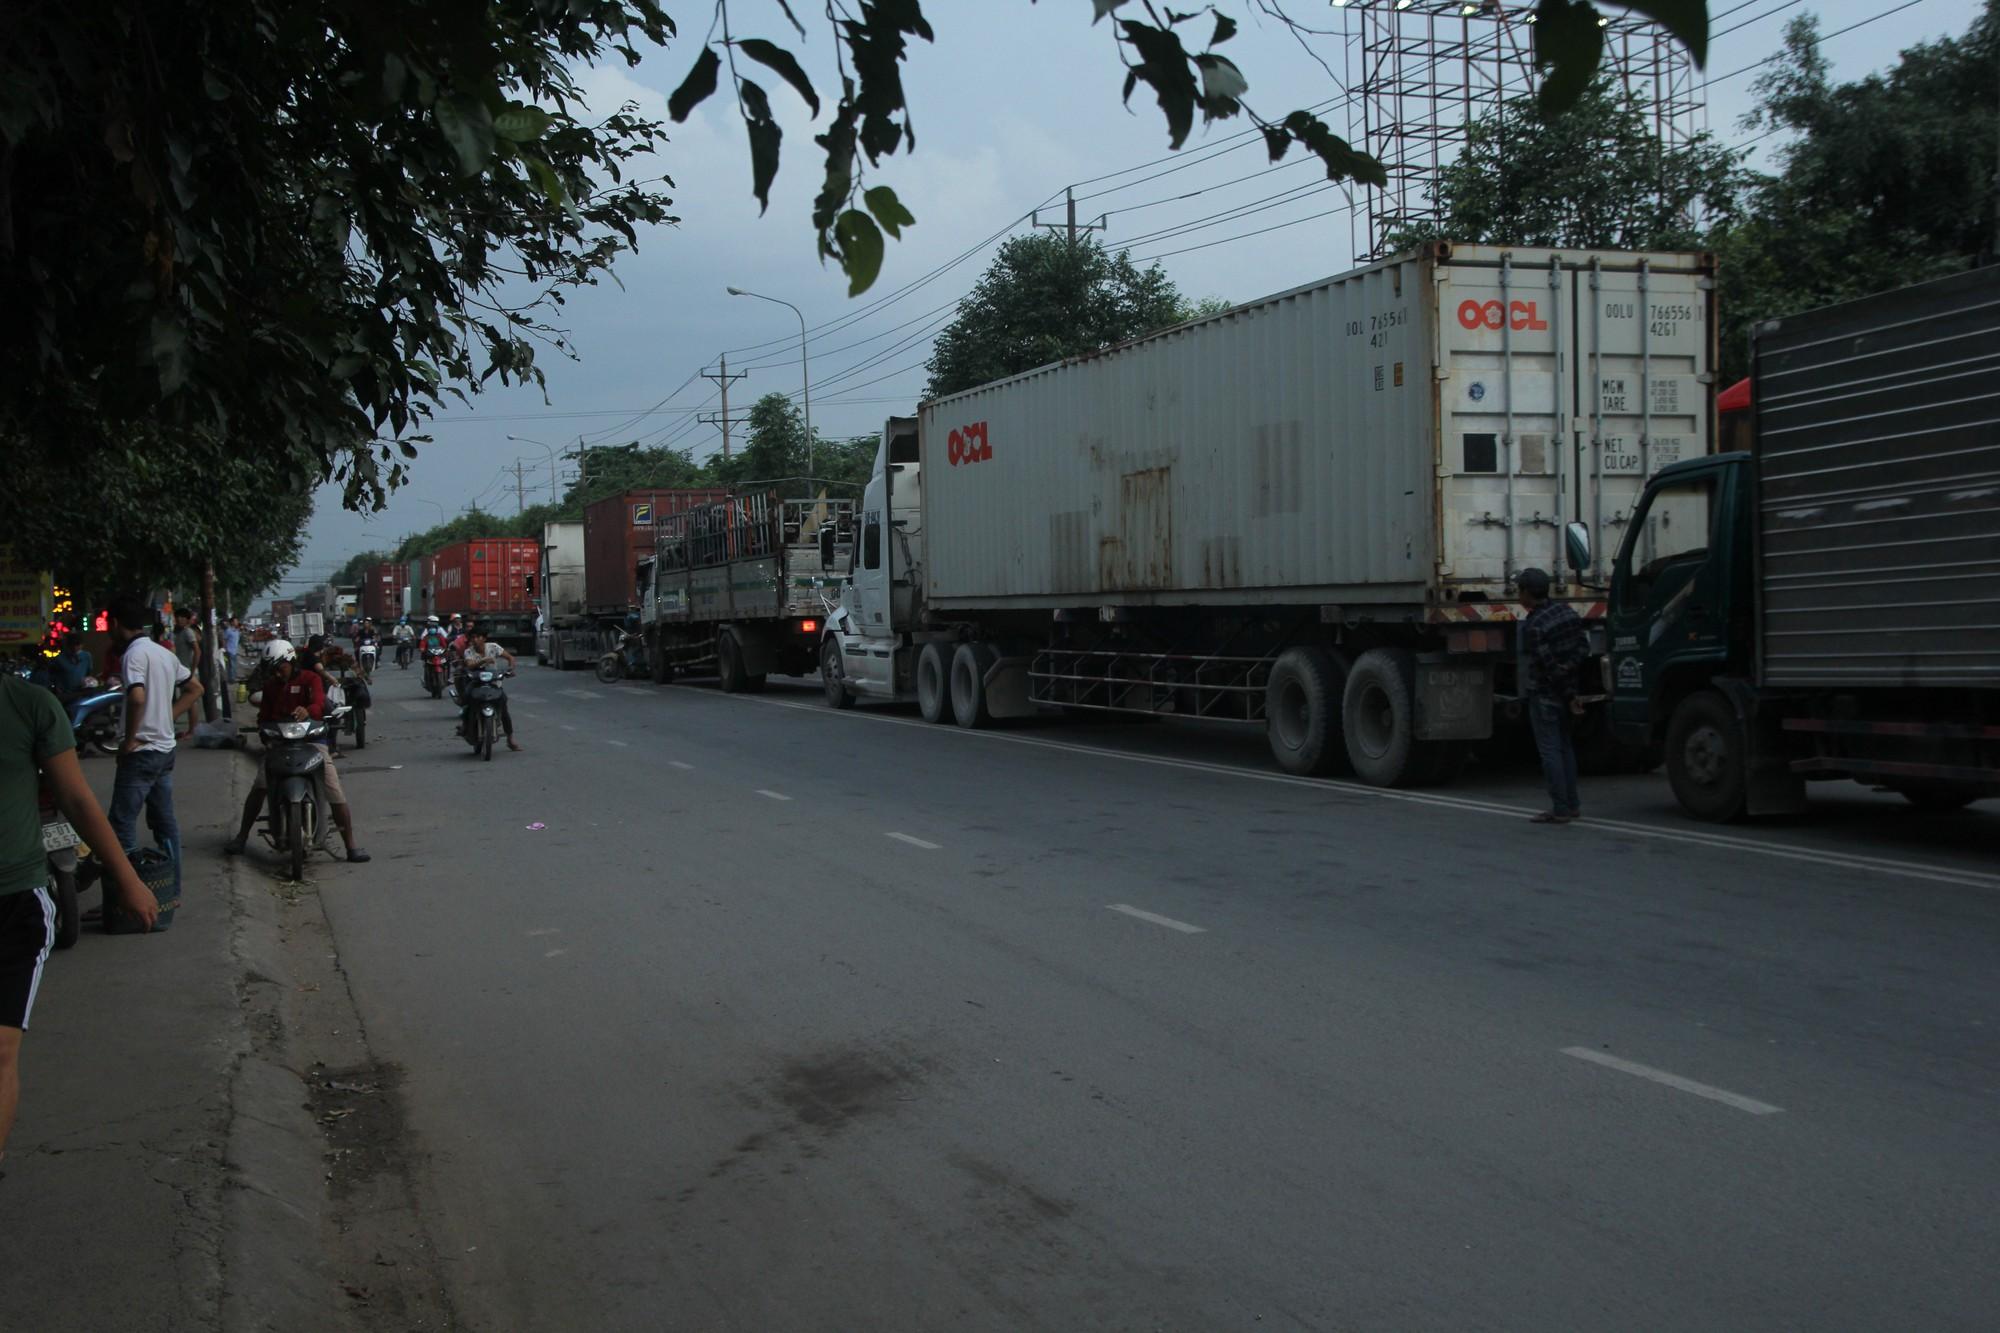 Hàng trăm phương tiện chôn chân trên đường, giao thông tê liệt - Ảnh 9.